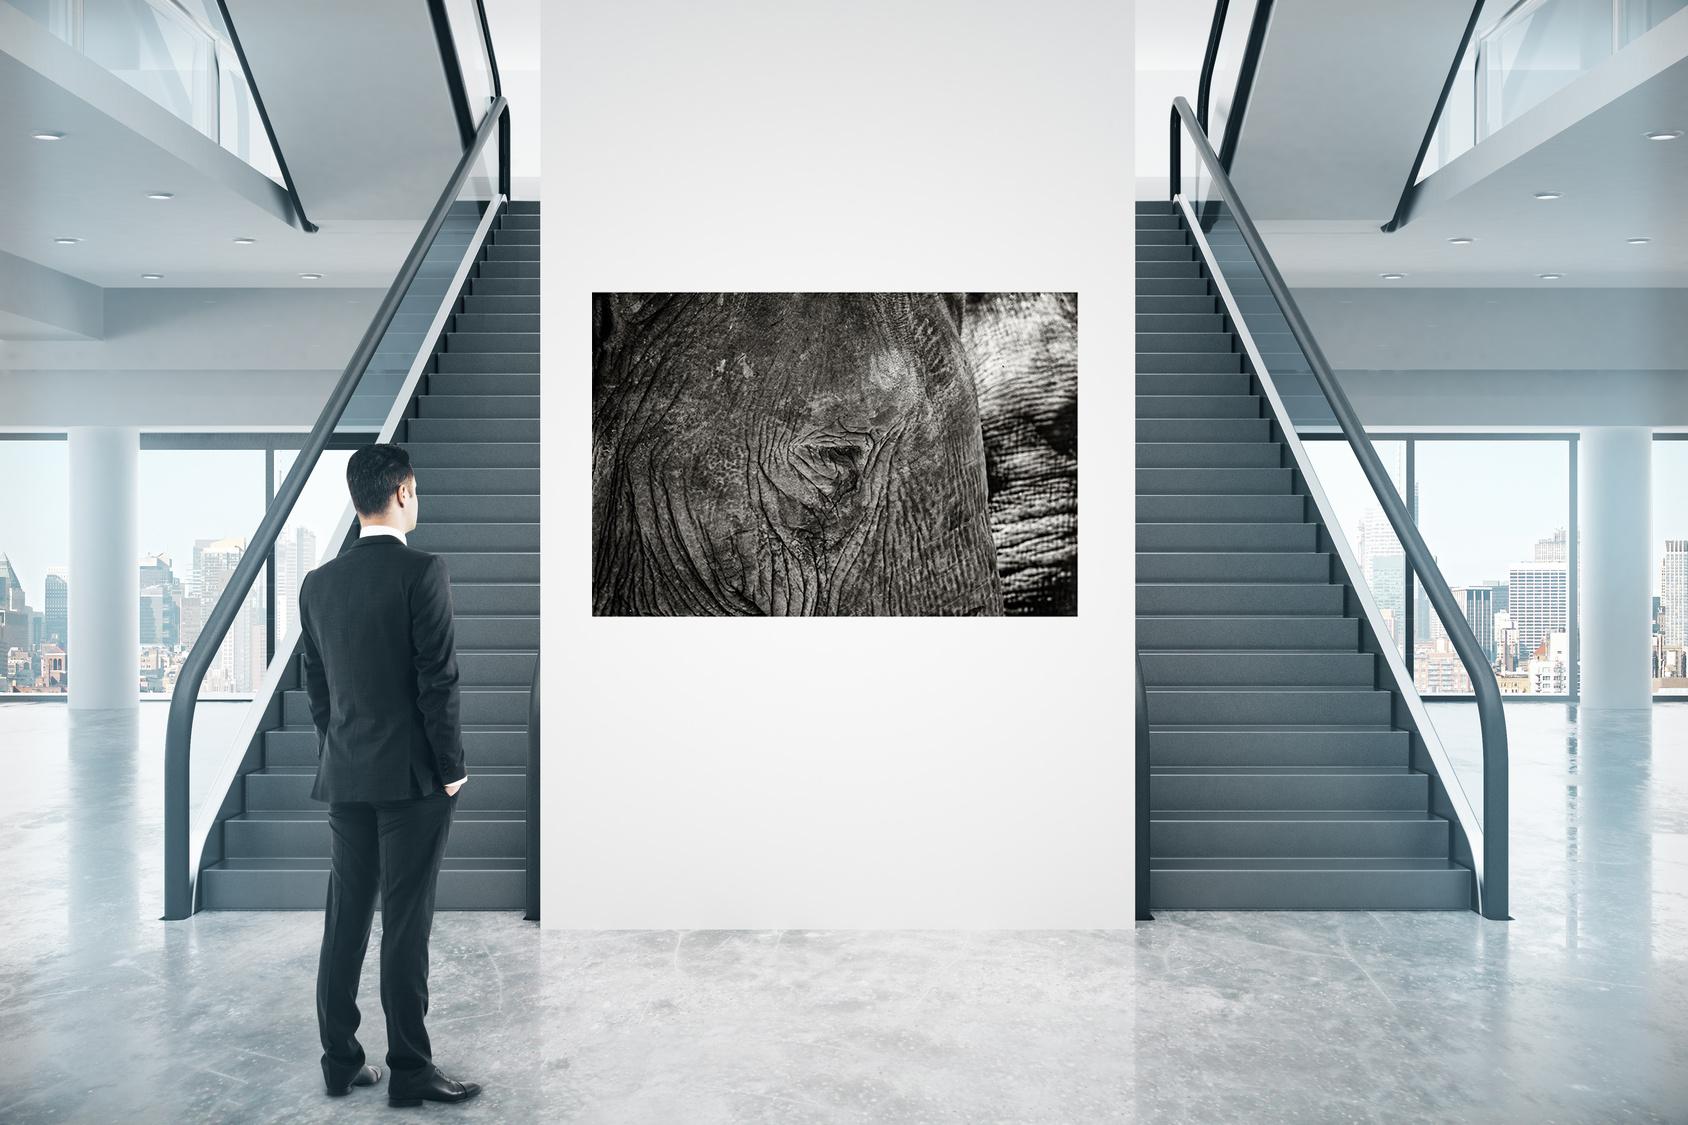 Aufhängebeispiel ohne Rahmen / Hanging example frameless